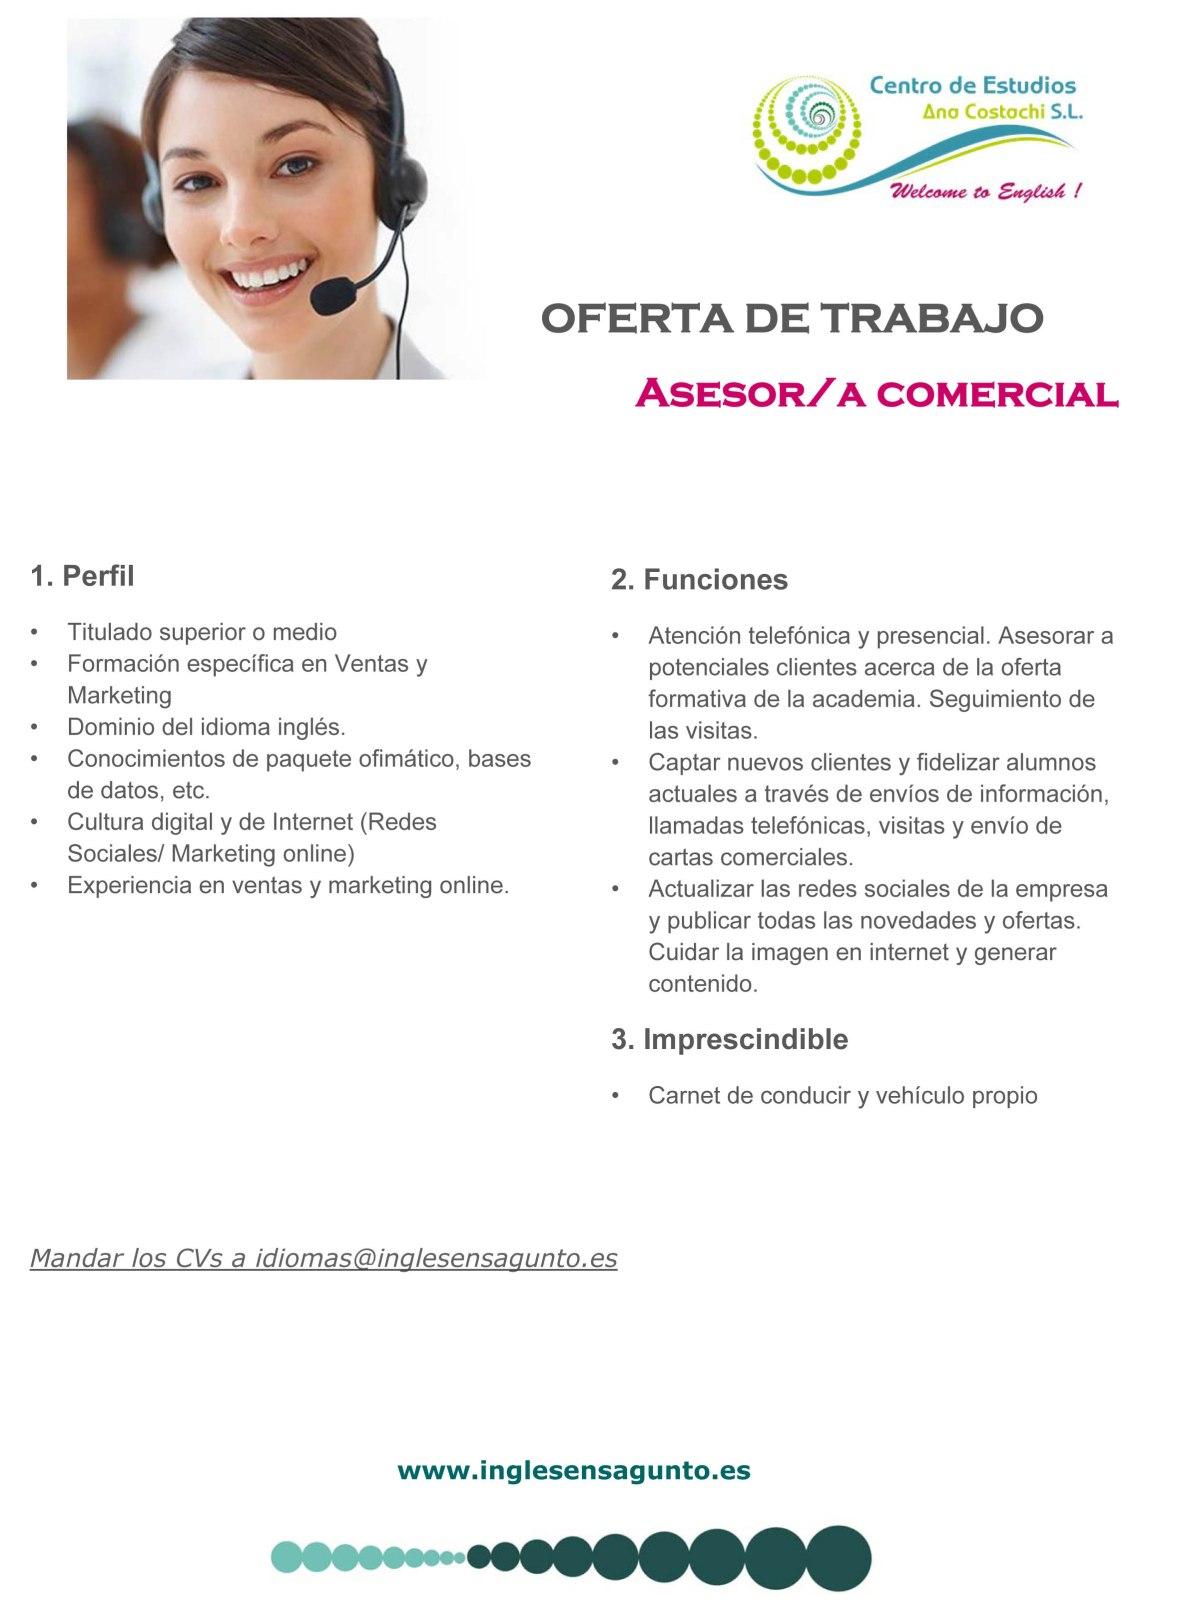 Microsoft Word - Oferta de trabajo recepcionista